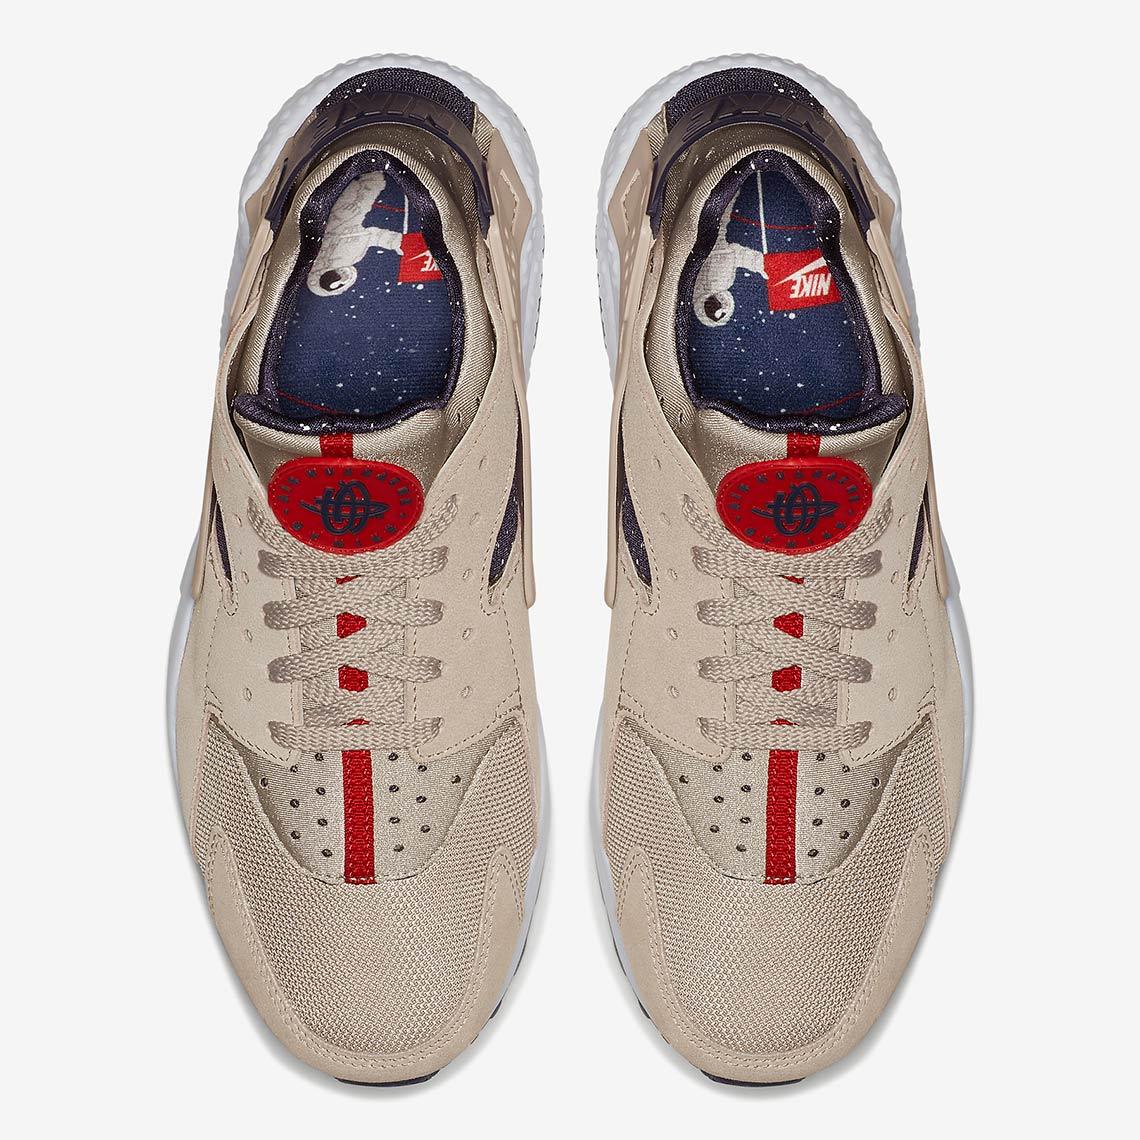 26e0ea42e7e5 Nike Air Huarache Moon Landing Release Info AQ0553-200